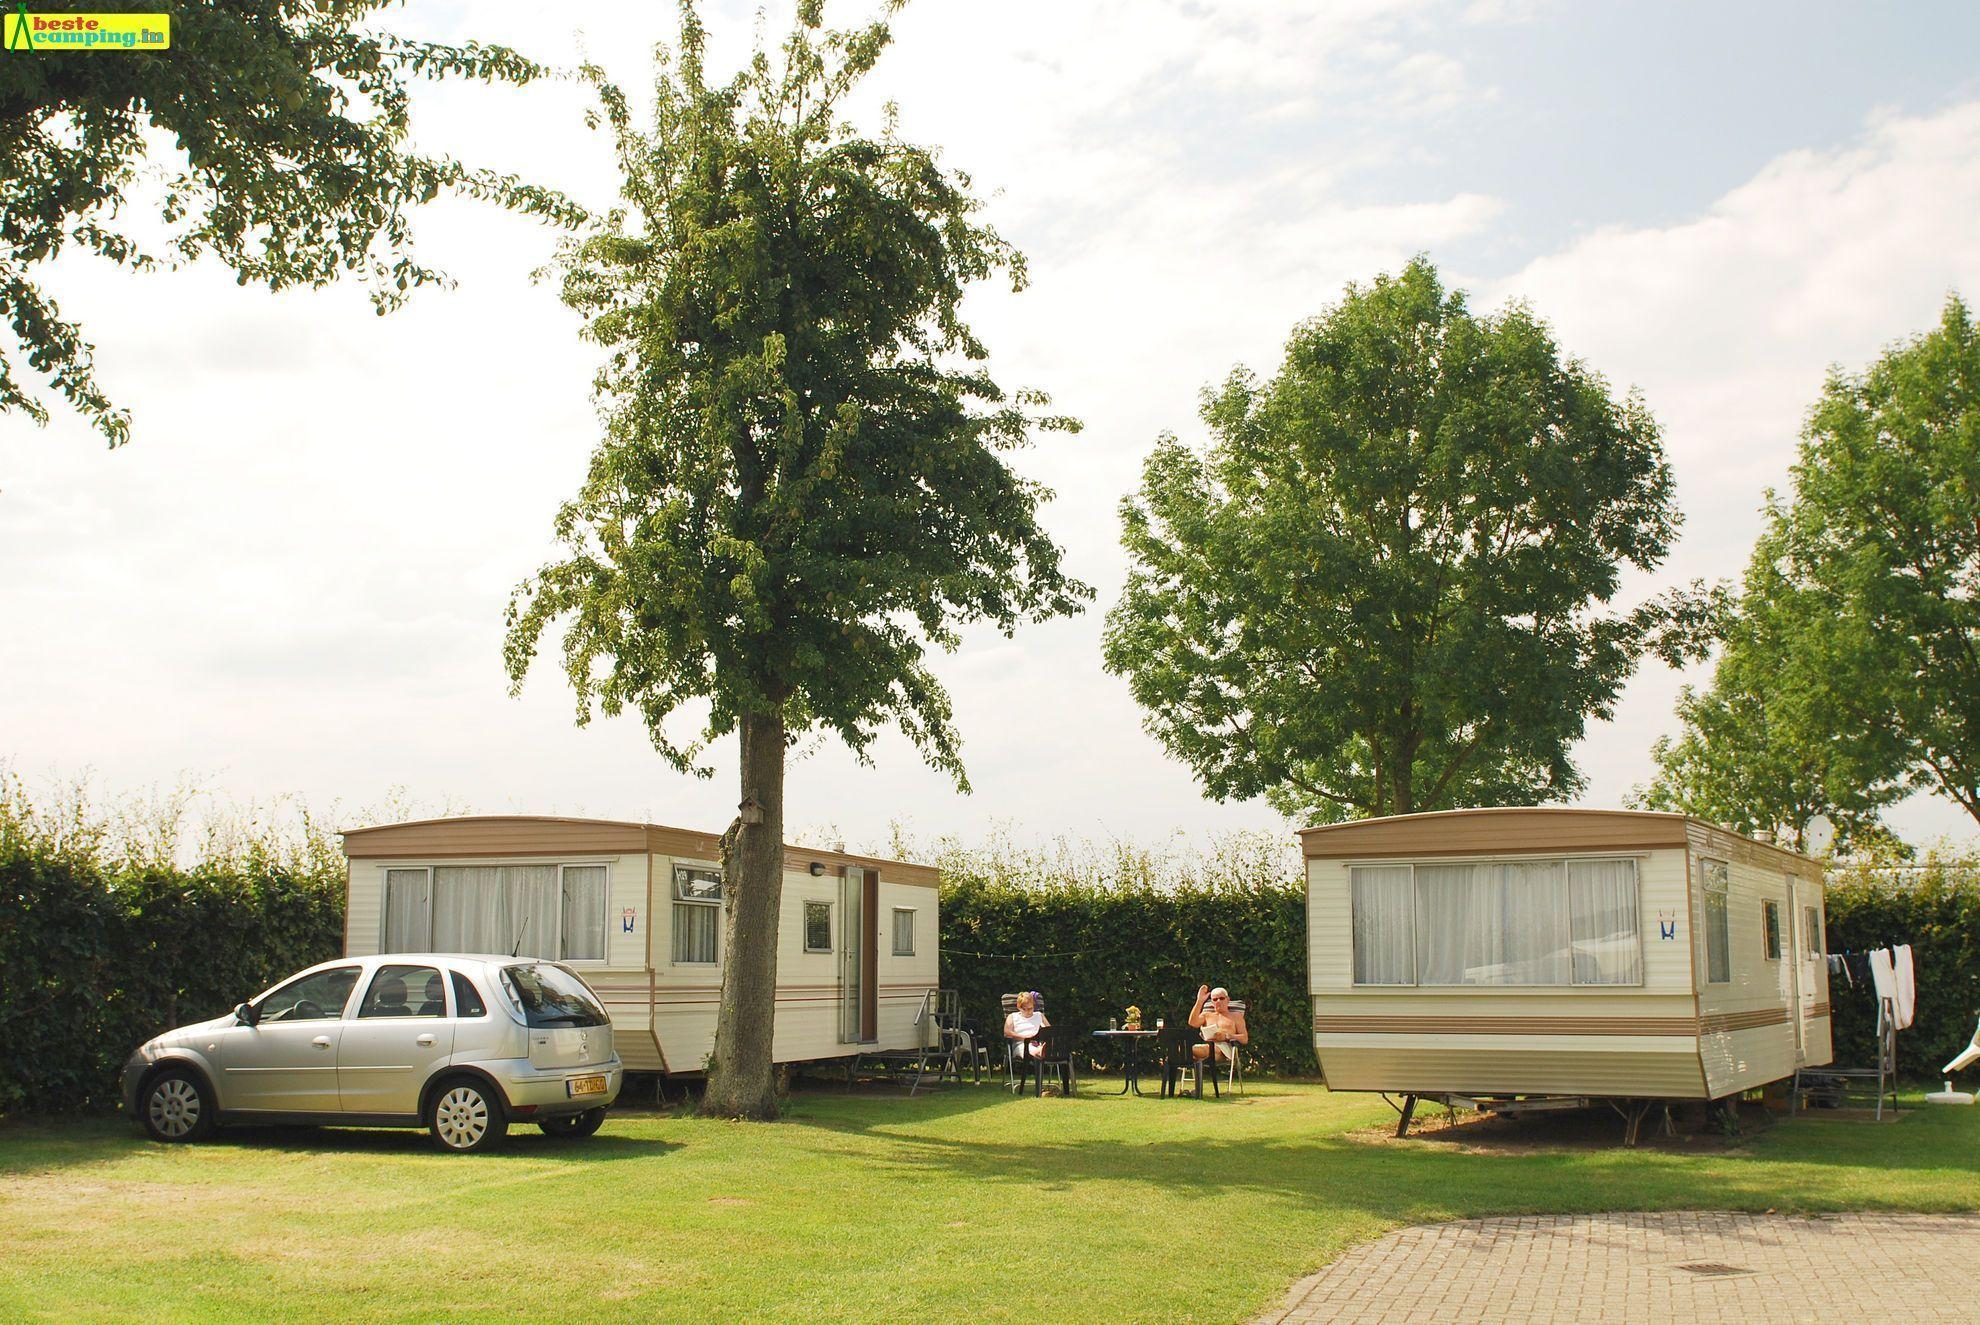 online Engels slikken in de buurt Valkenburg